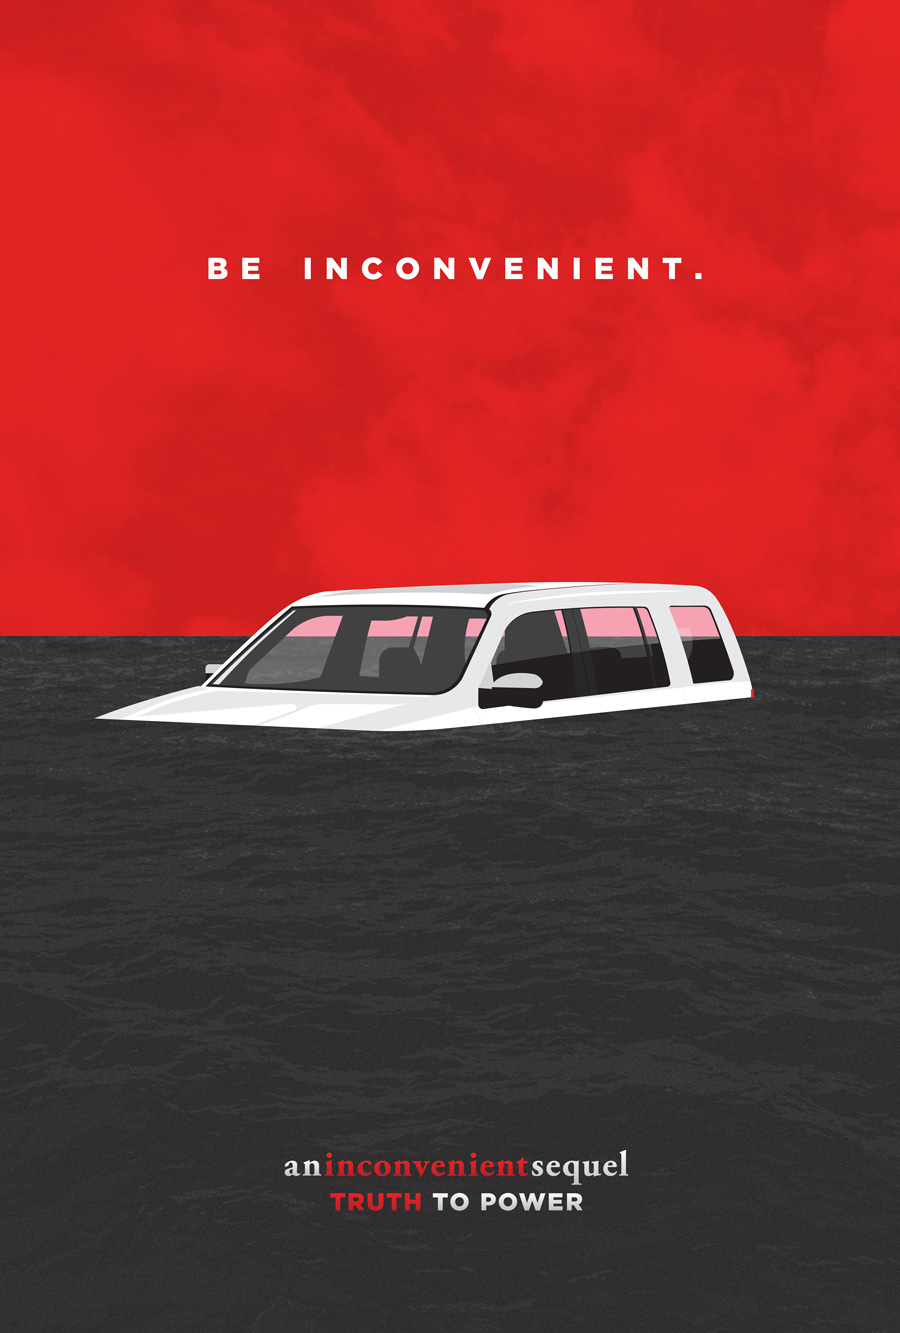 AnInconvenientSequel_Poster.jpg